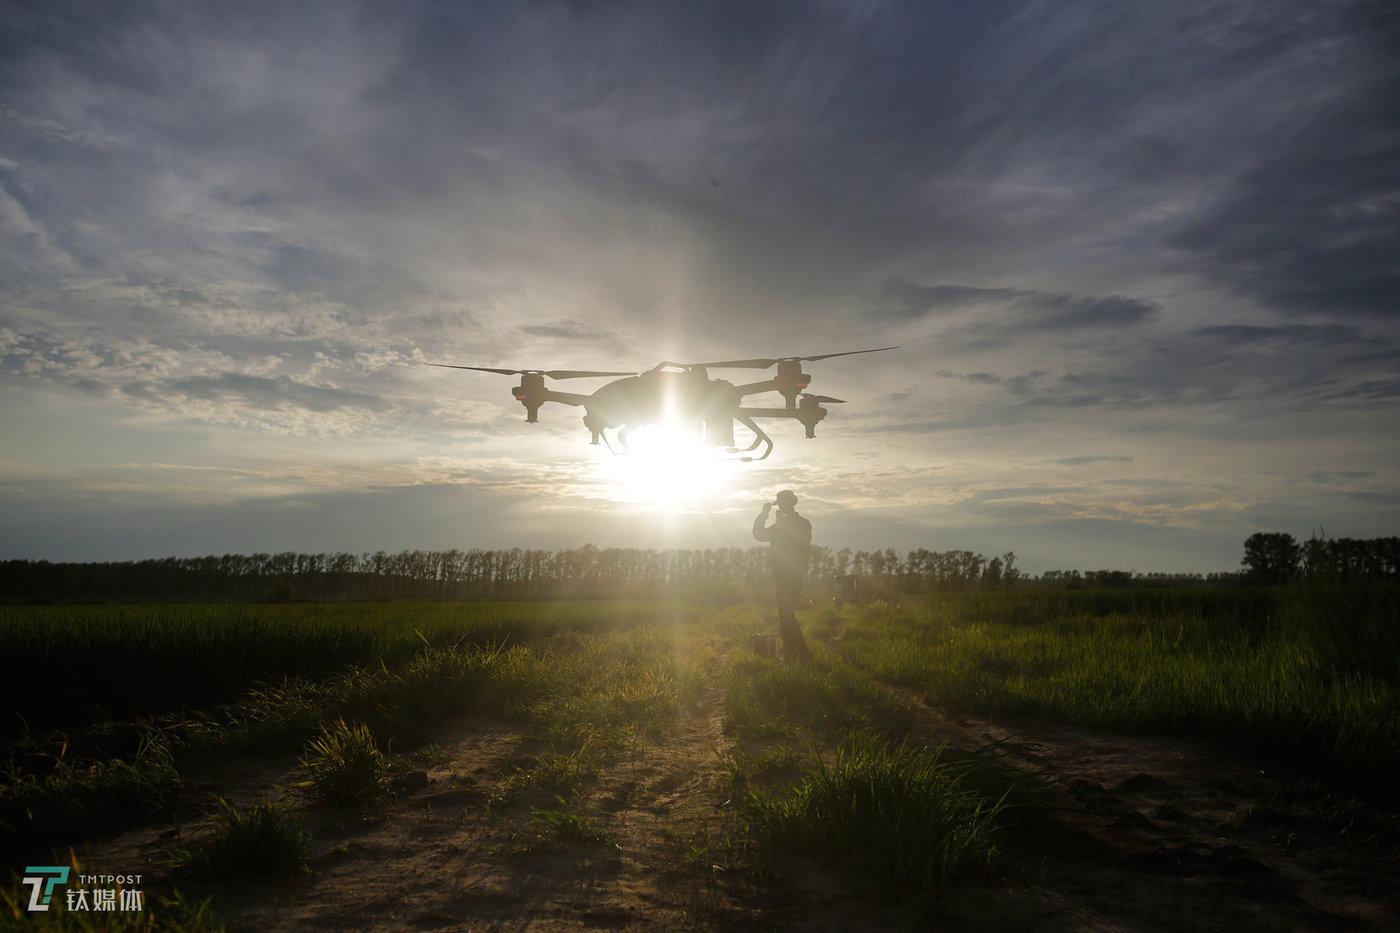 黑龙江绥滨,26岁的飞手张博正在操控一架极飞无人机起飞。